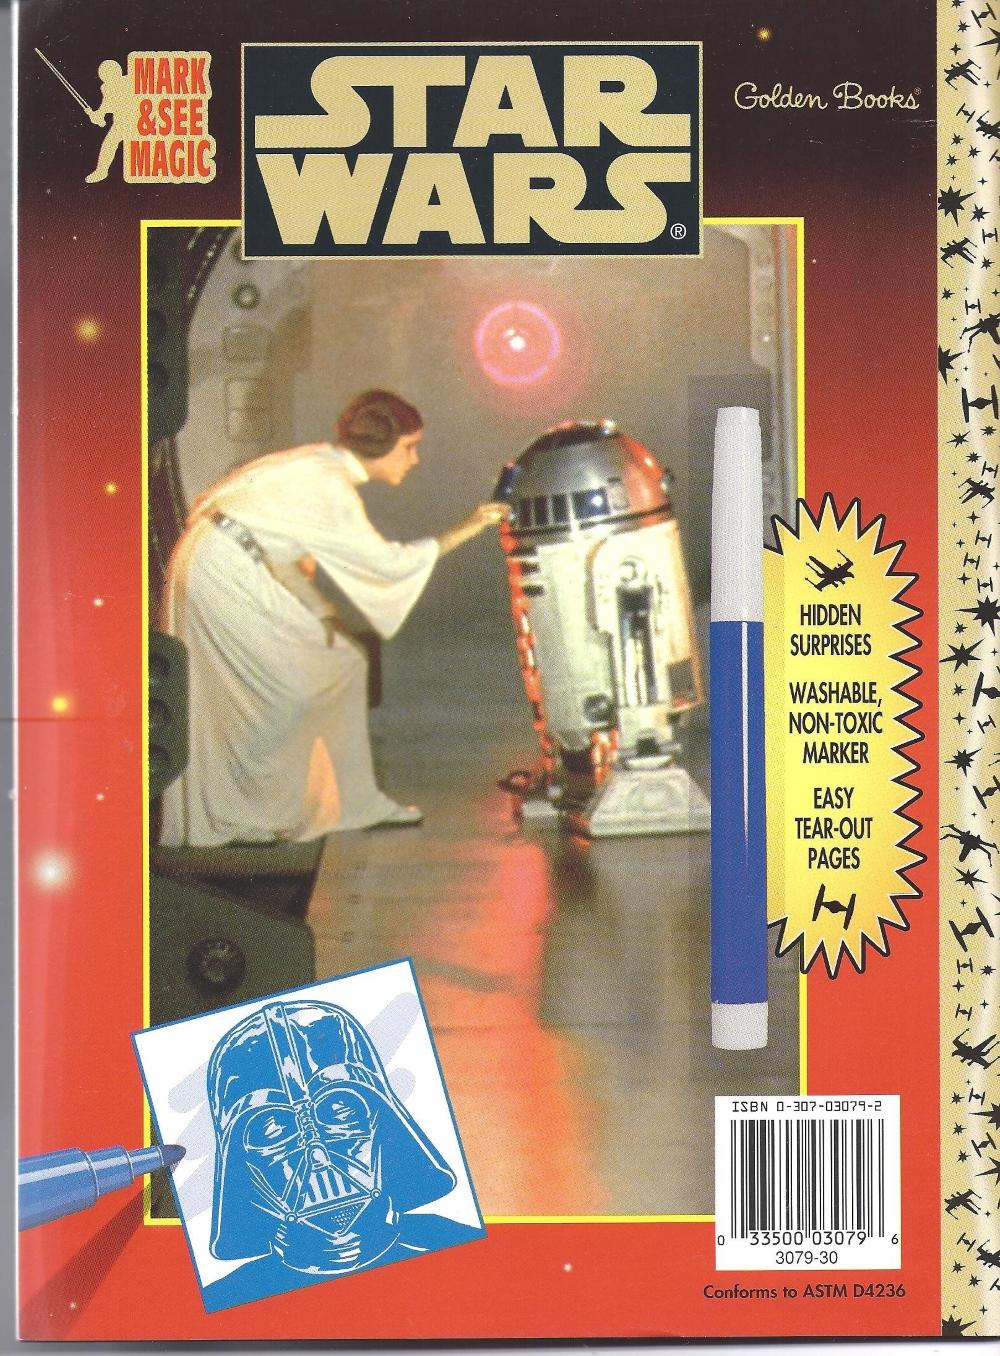 Star Wars: Mark and See Magic